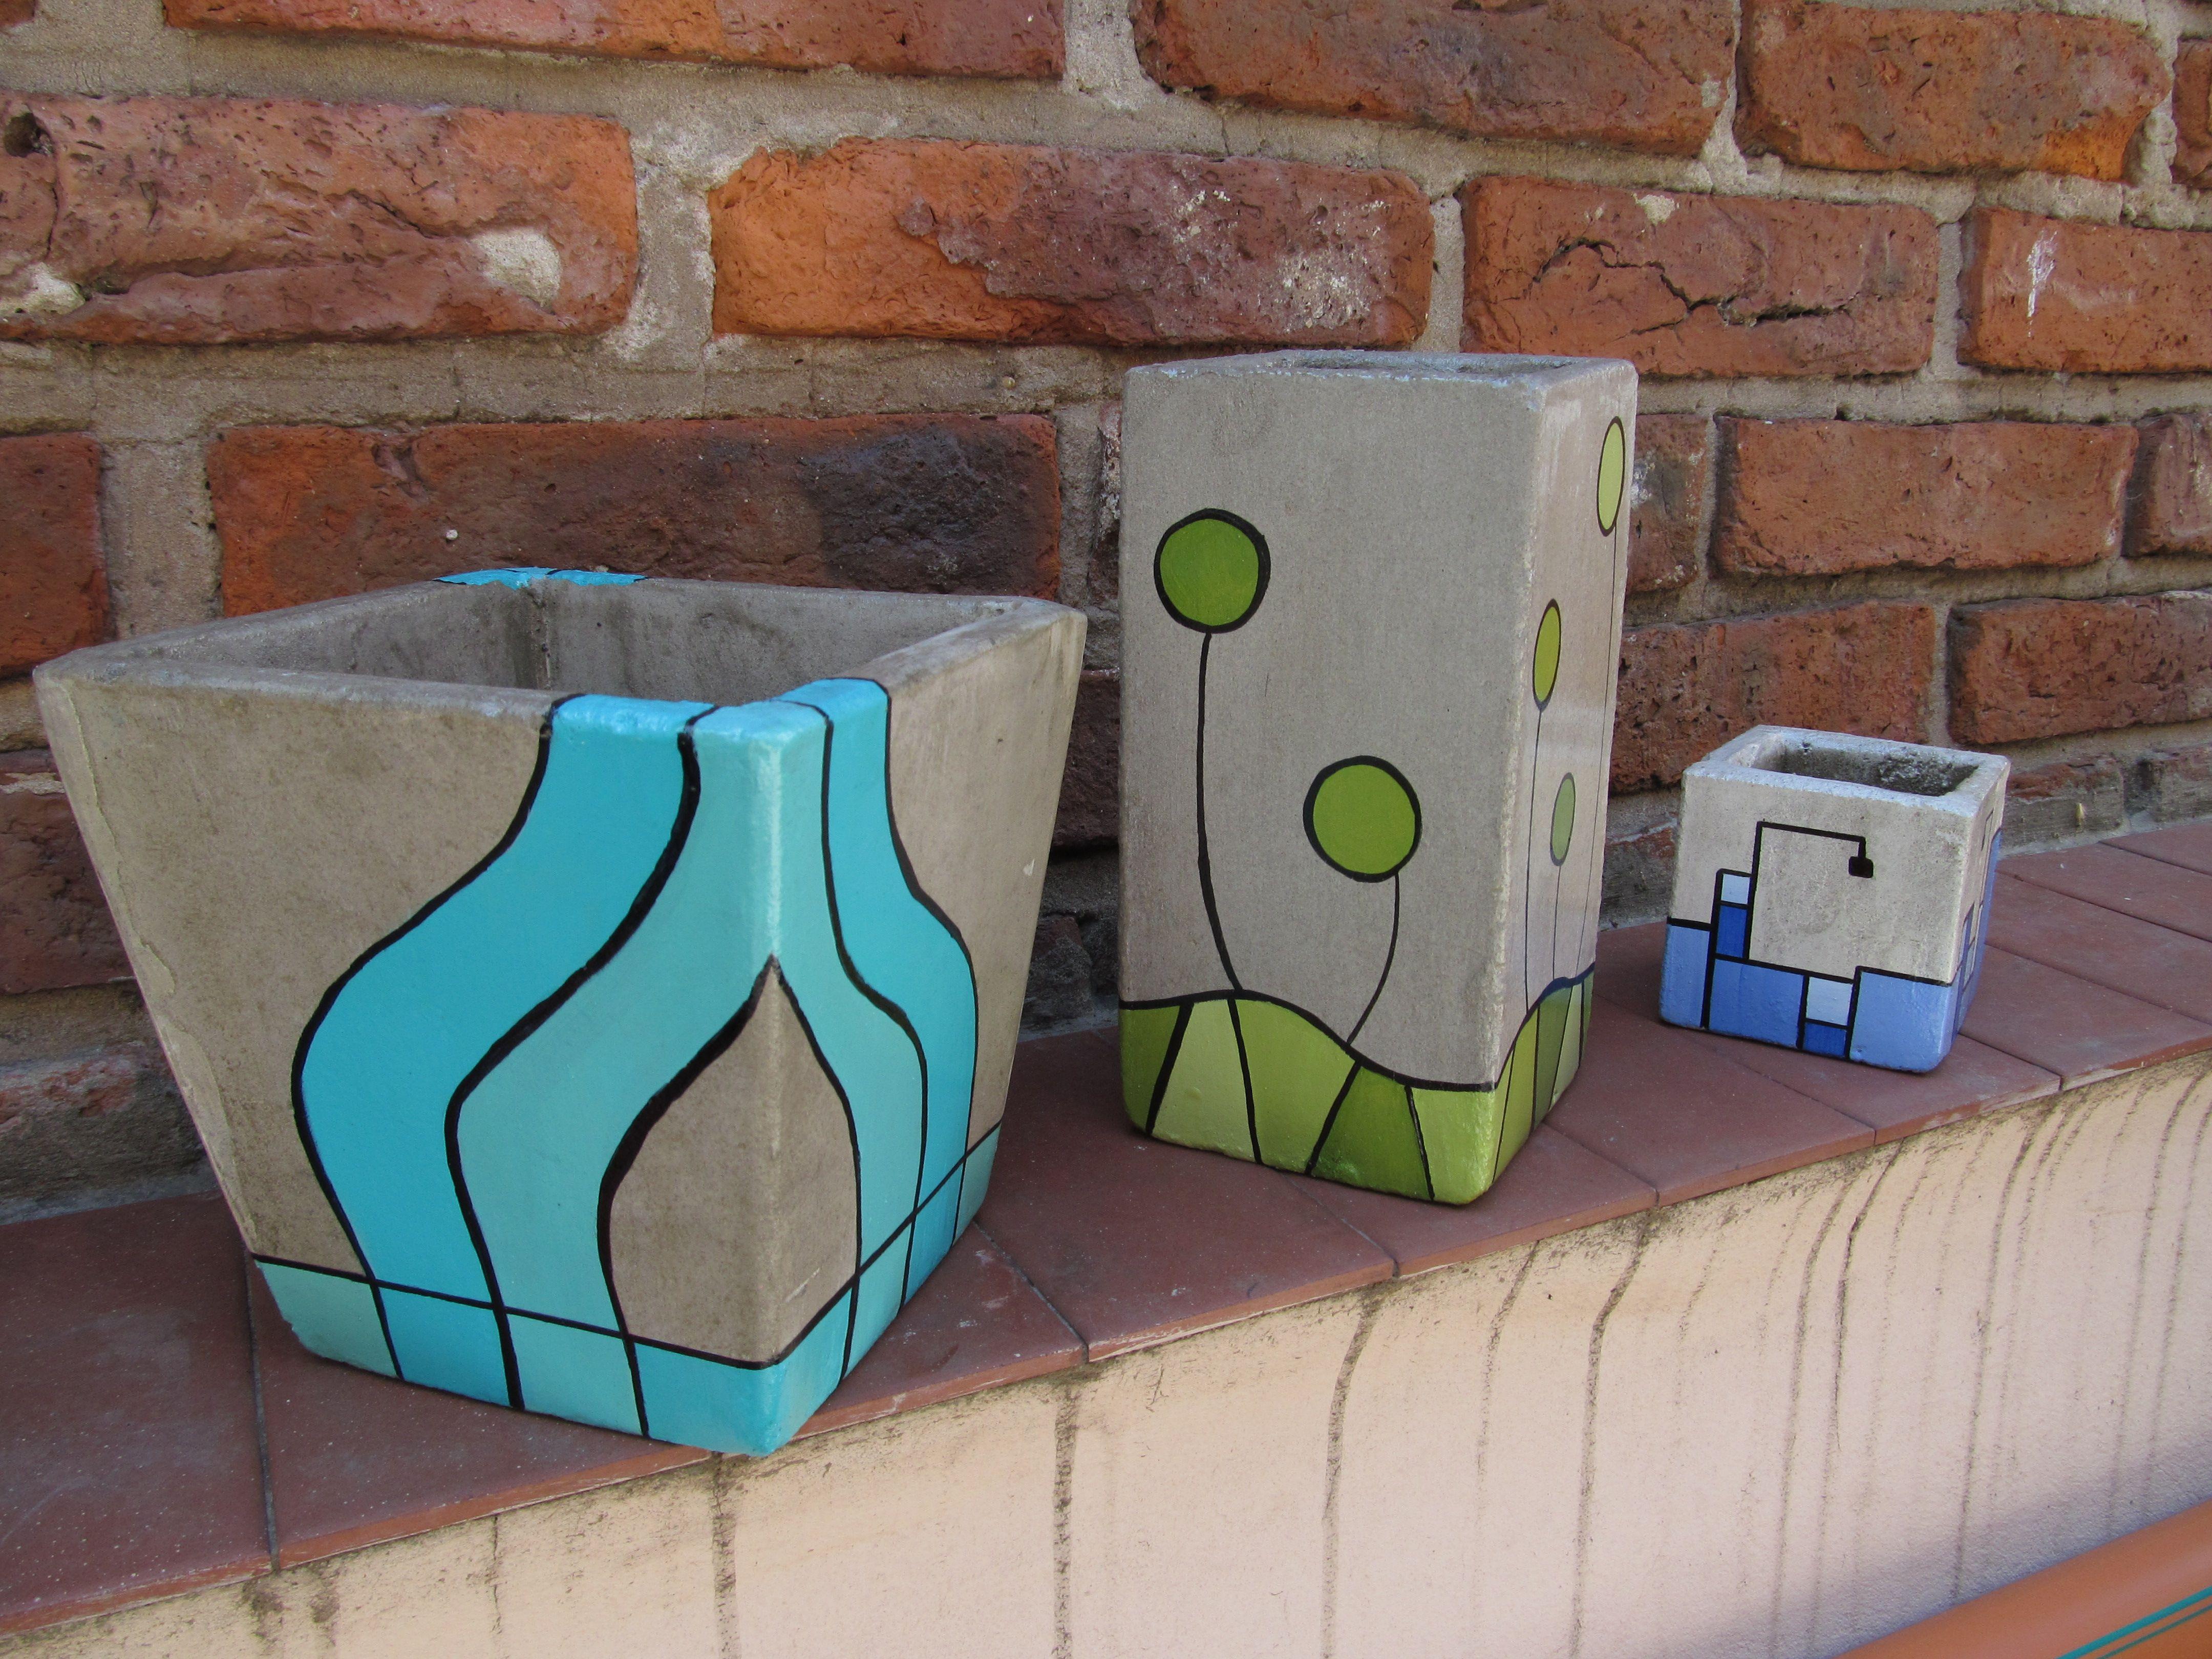 Como hacer cemento de colores buscar con google - Como pintar azulejos a mano ...